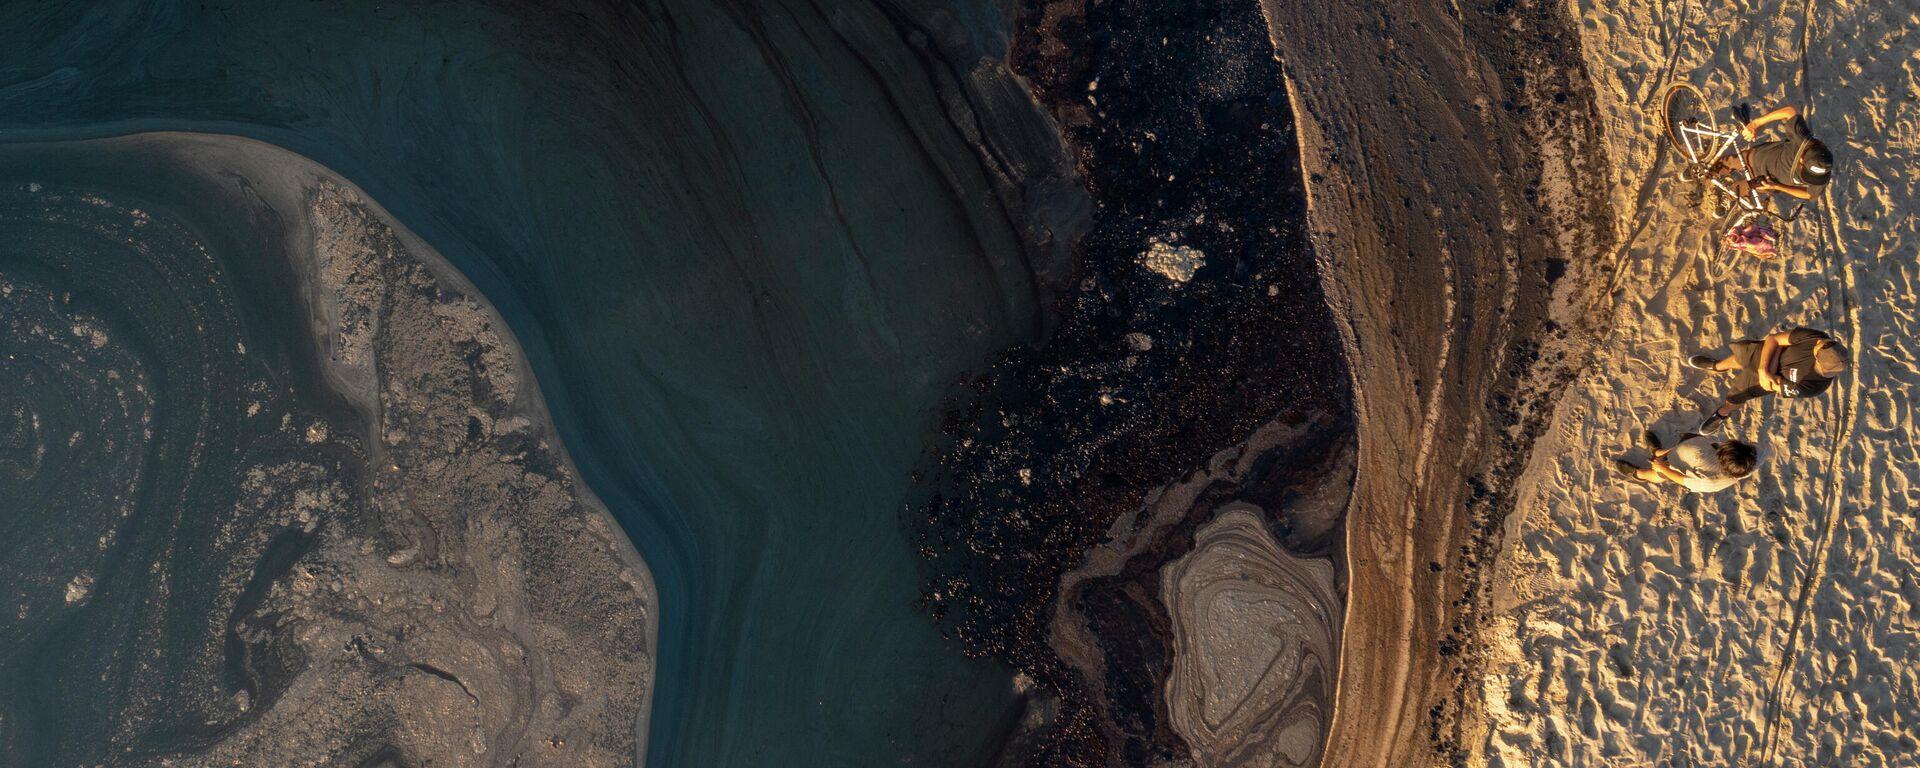 დაღვრილი ნავთობი კალიფორნიის სანაპიროზე - Sputnik საქართველო, 1920, 06.10.2021